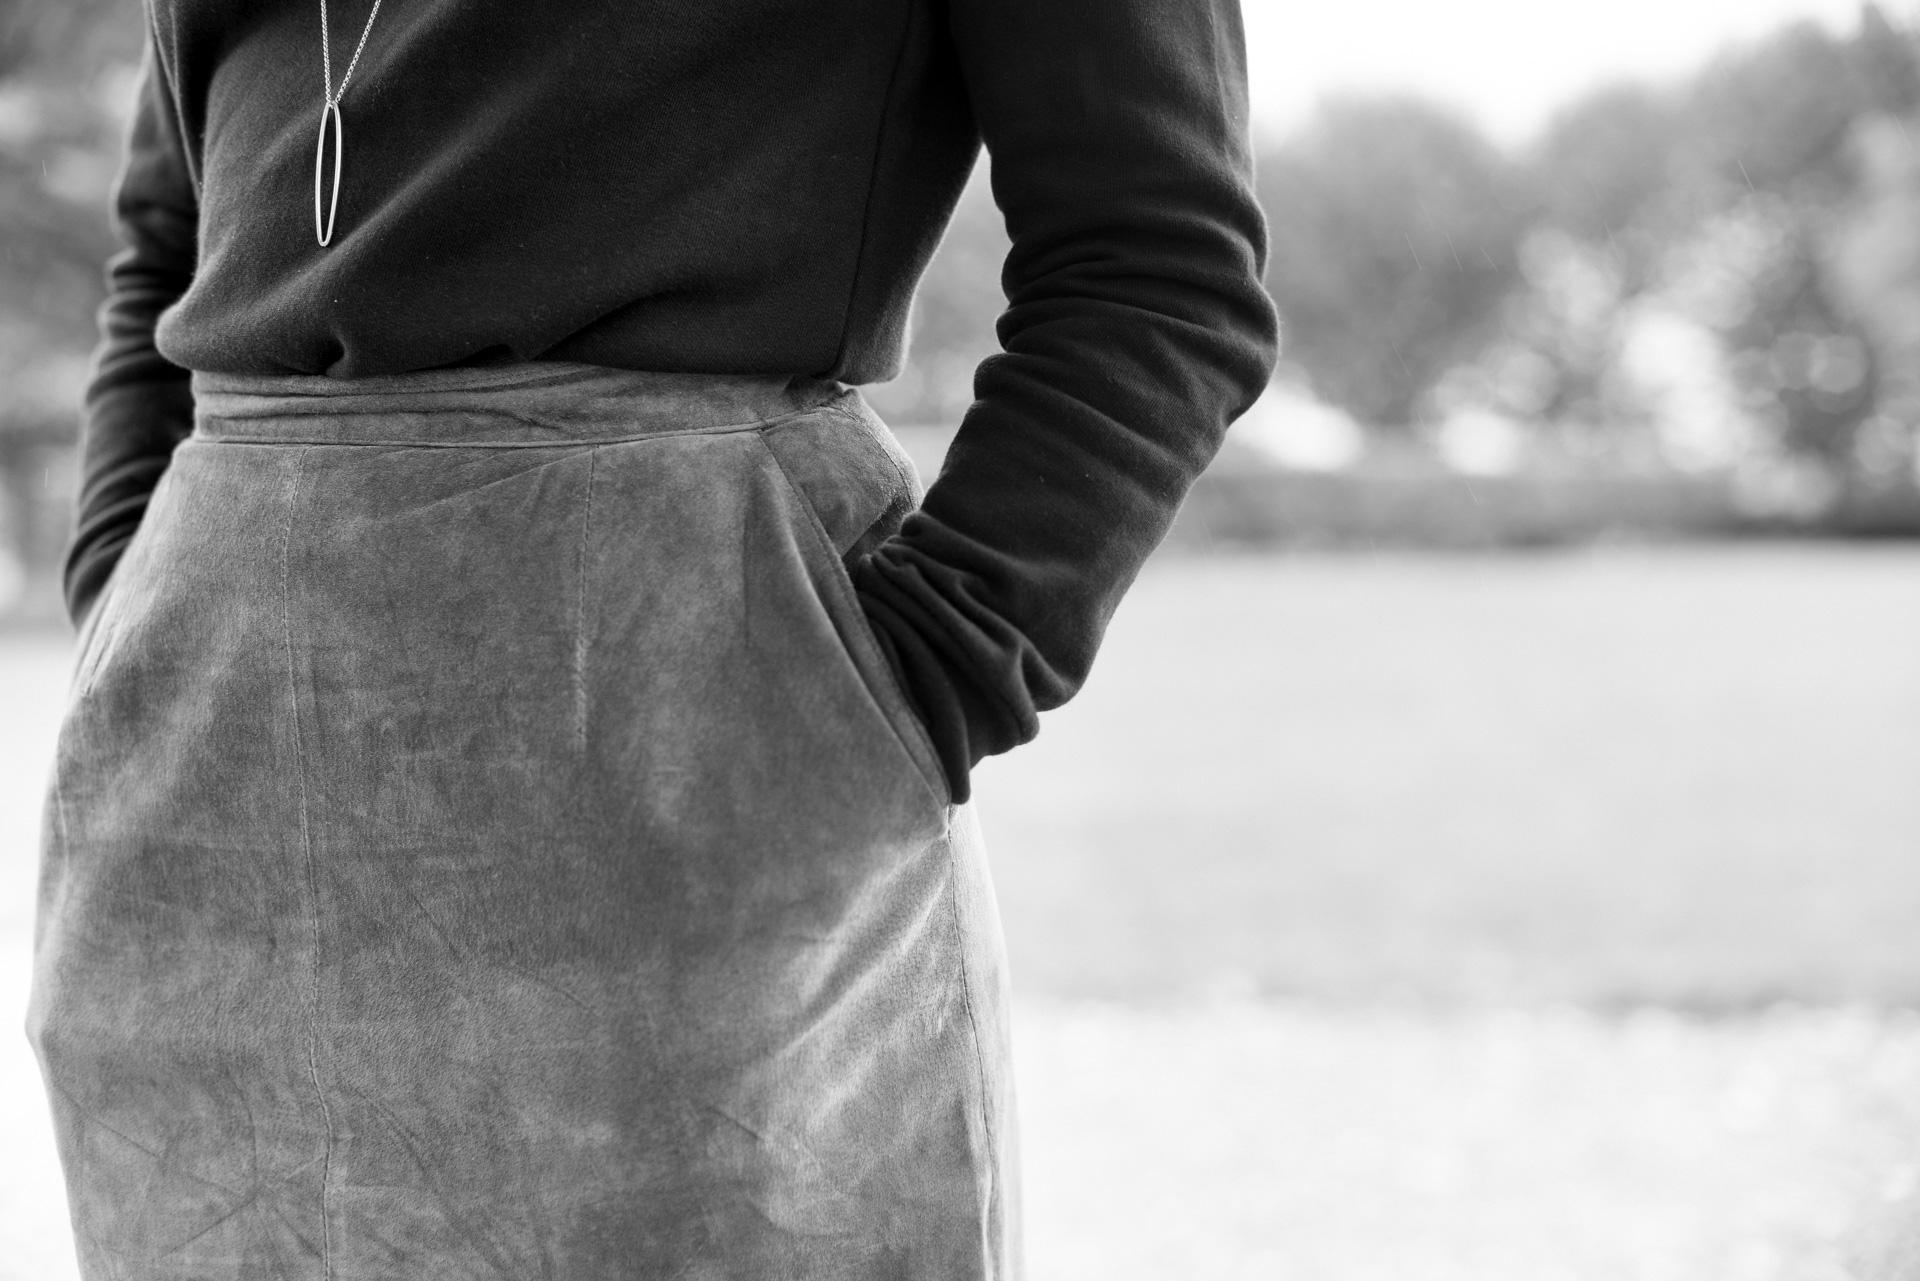 comment-porter-le-basique-sweat-noir-chic-1